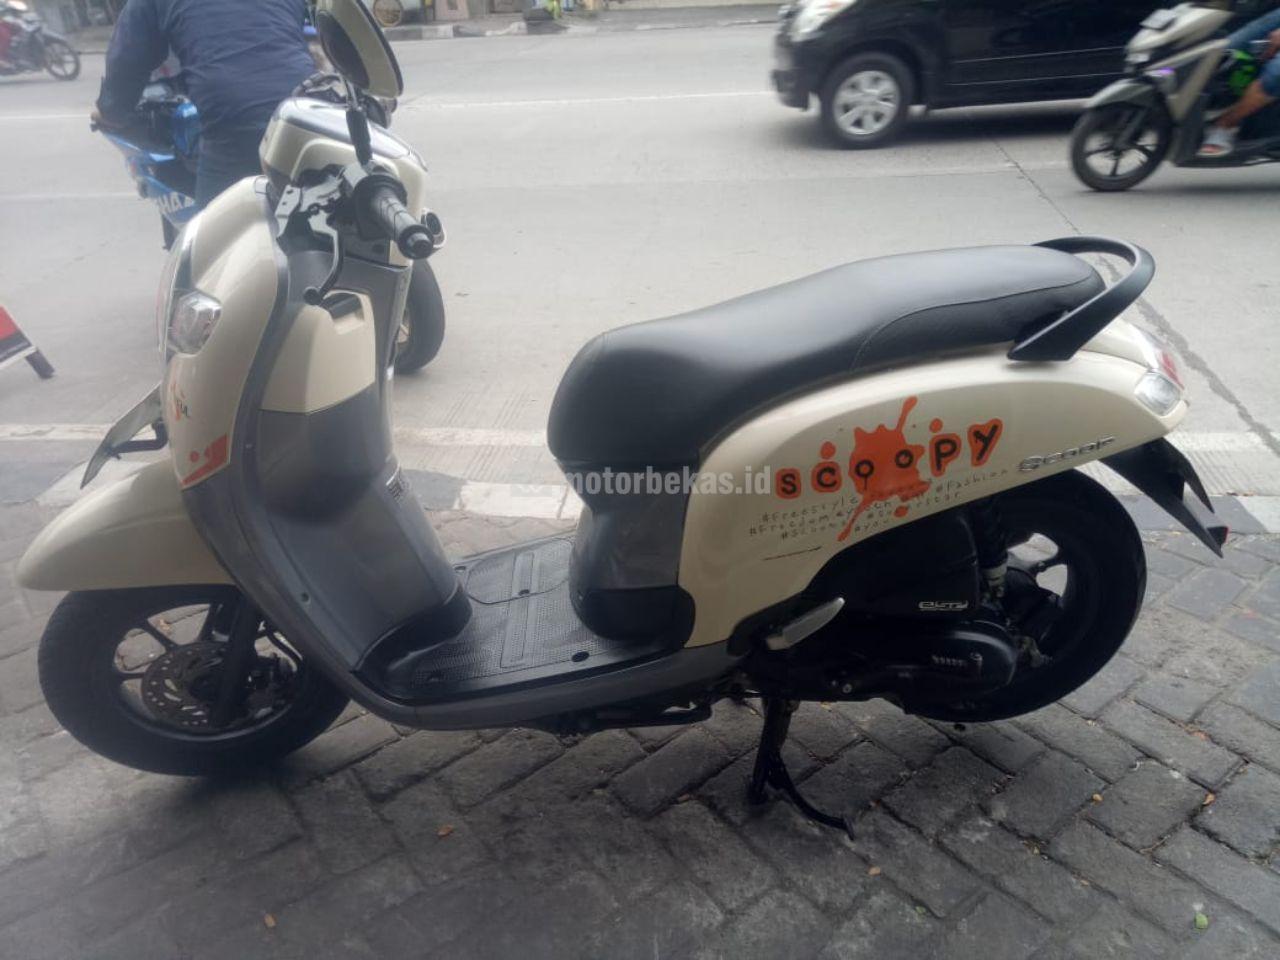 HONDA SCOOPY  3191 motorbekas.id